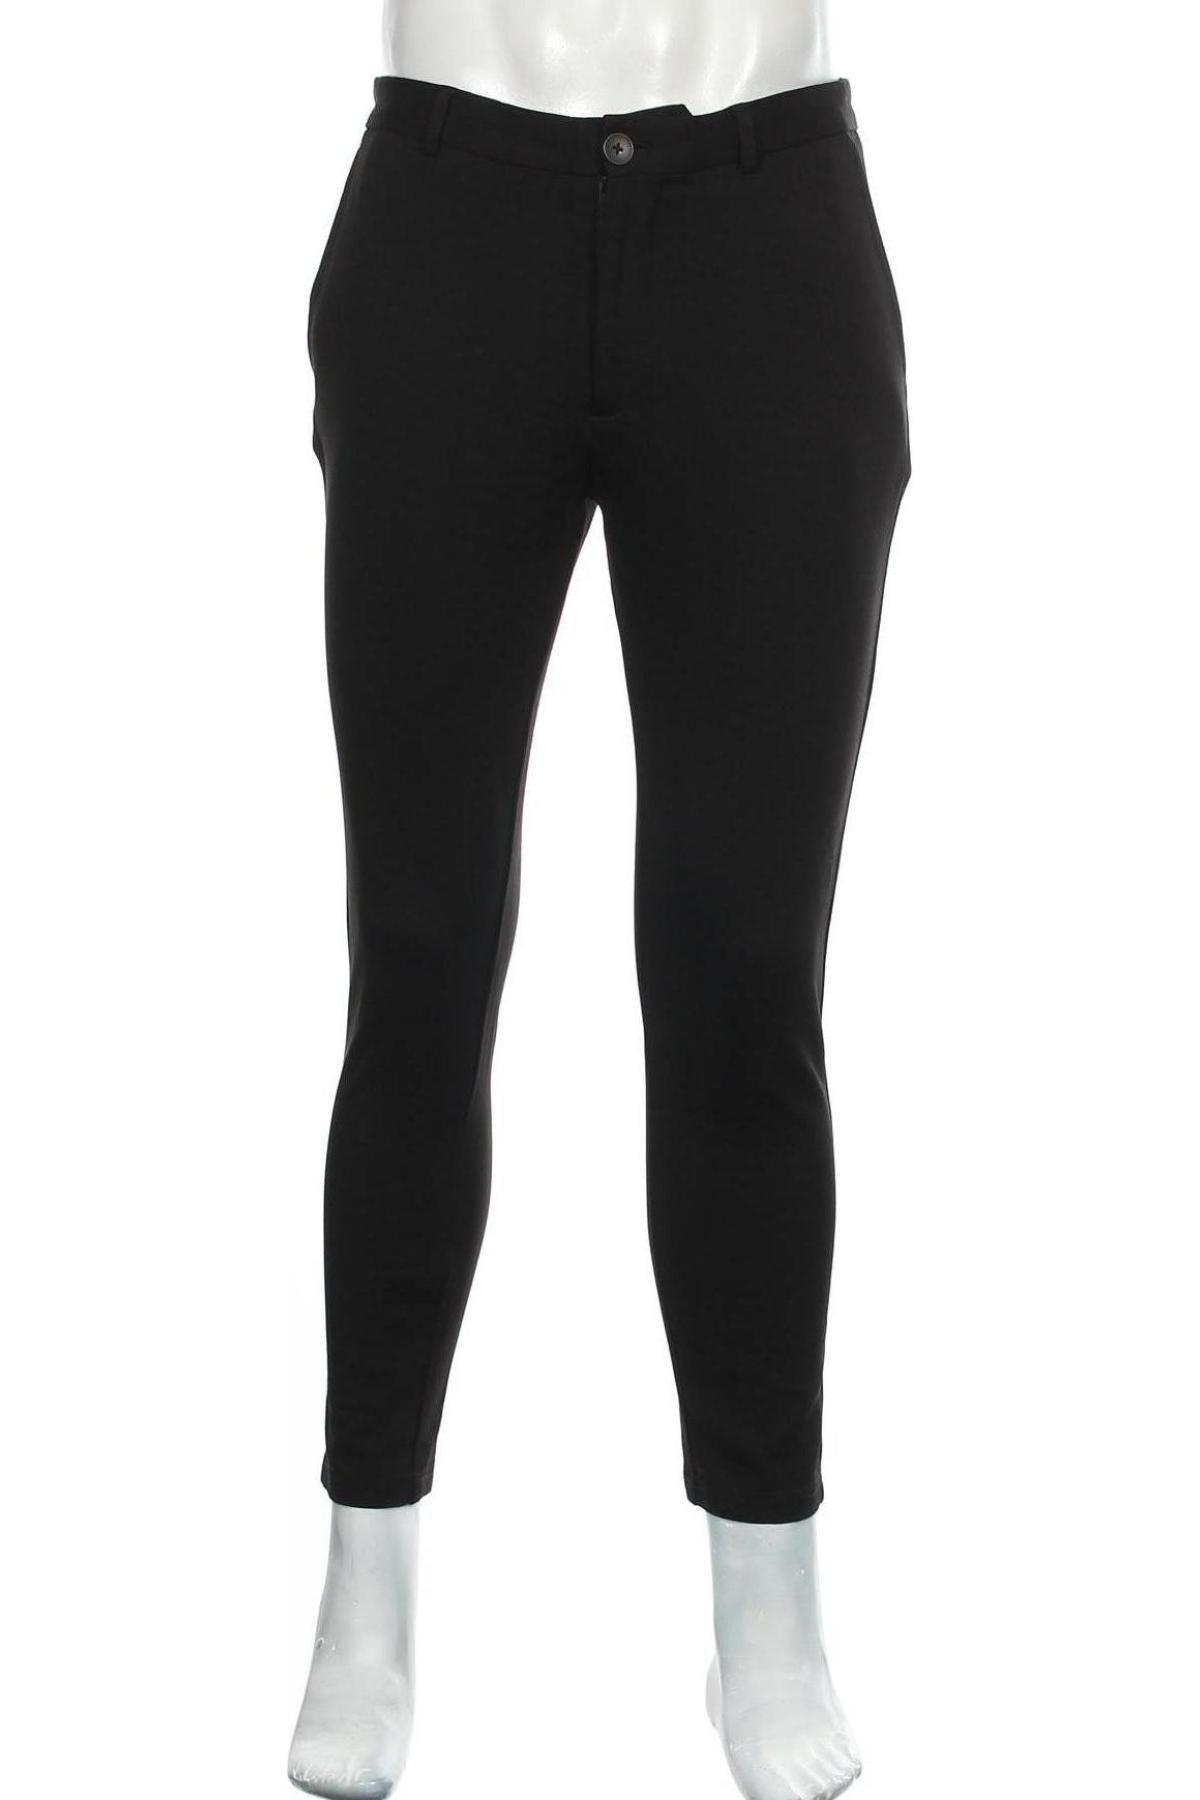 Мъжки панталон Jack & Jones, Размер M, Цвят Черен, 70% вискоза, 26% полиестер, 4% еластан, Цена 23,80лв.